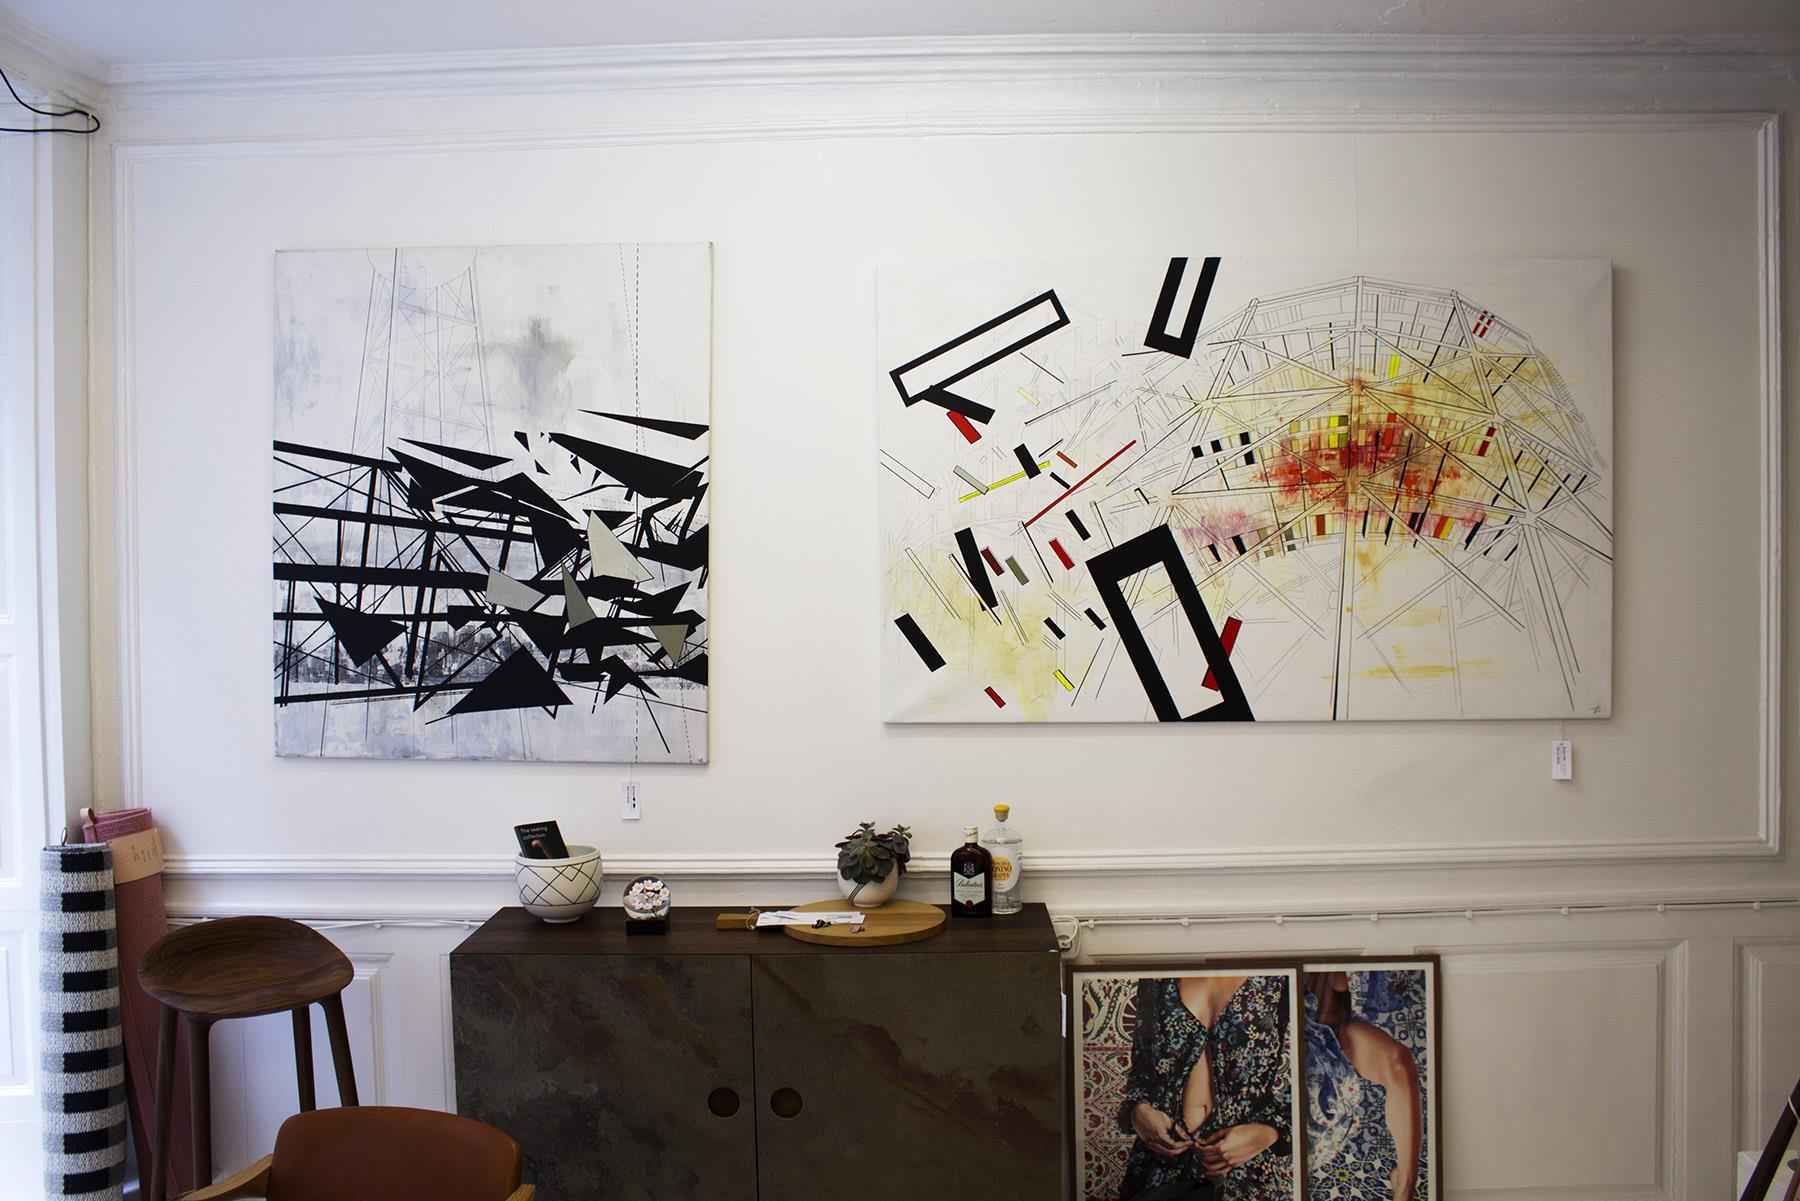 malerier, abstrakte, geometriske, grafiske, arkitektur, sorte, røde, hvide, gule, akryl, tusch, abstrakte-former, arkitektoniske, bygninger, Køb original kunst og kunstplakater. Malerier, tegninger, limited edition kunsttryk & plakater af dygtige kunstnere.